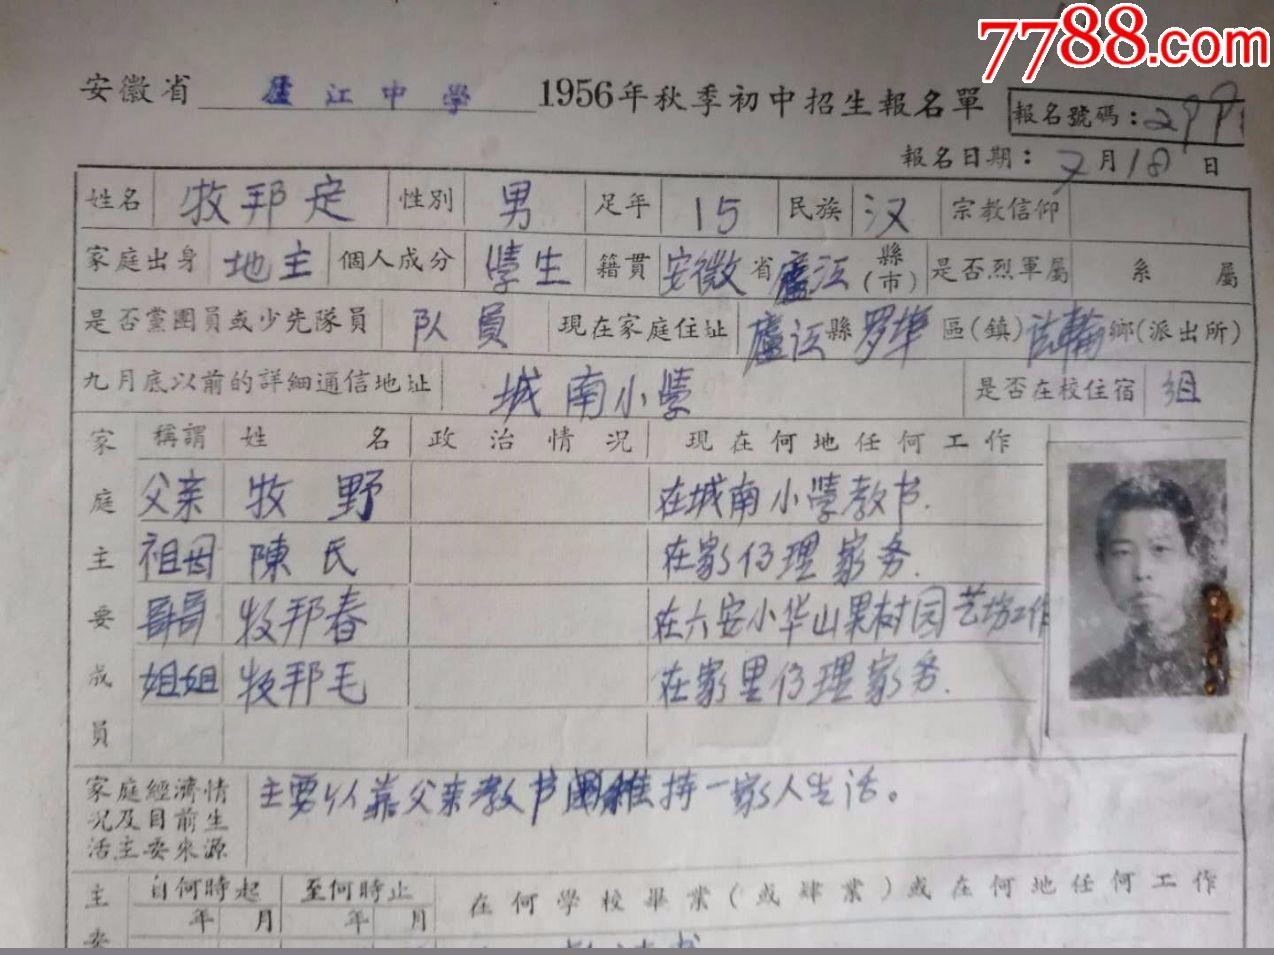 安徽省徐州中学1956年秋季初中初中报名单502015施教庐江学生区图片